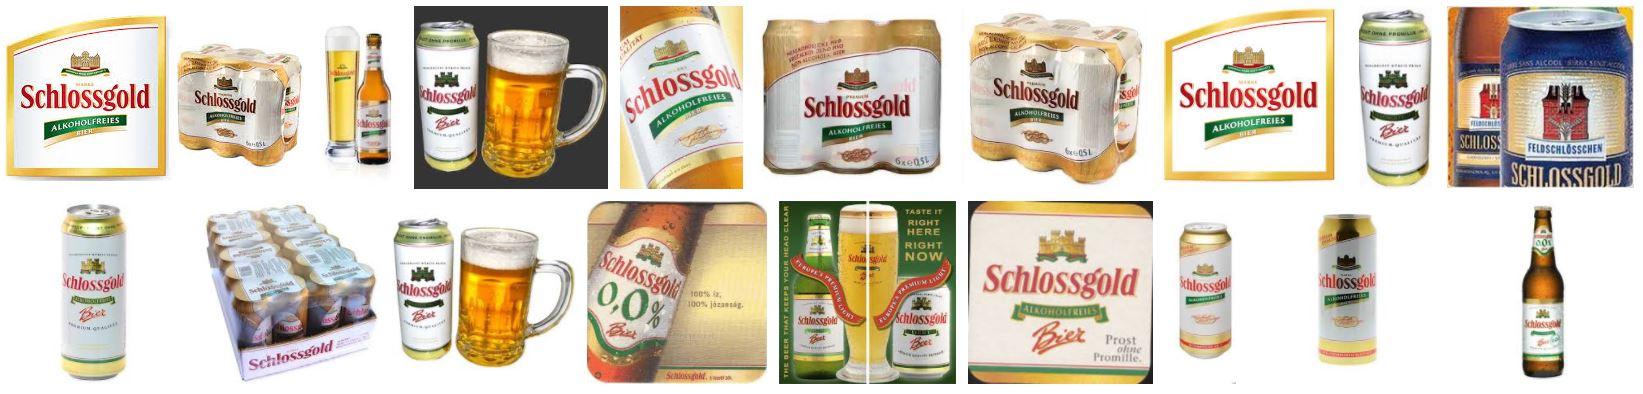 Schlossgold